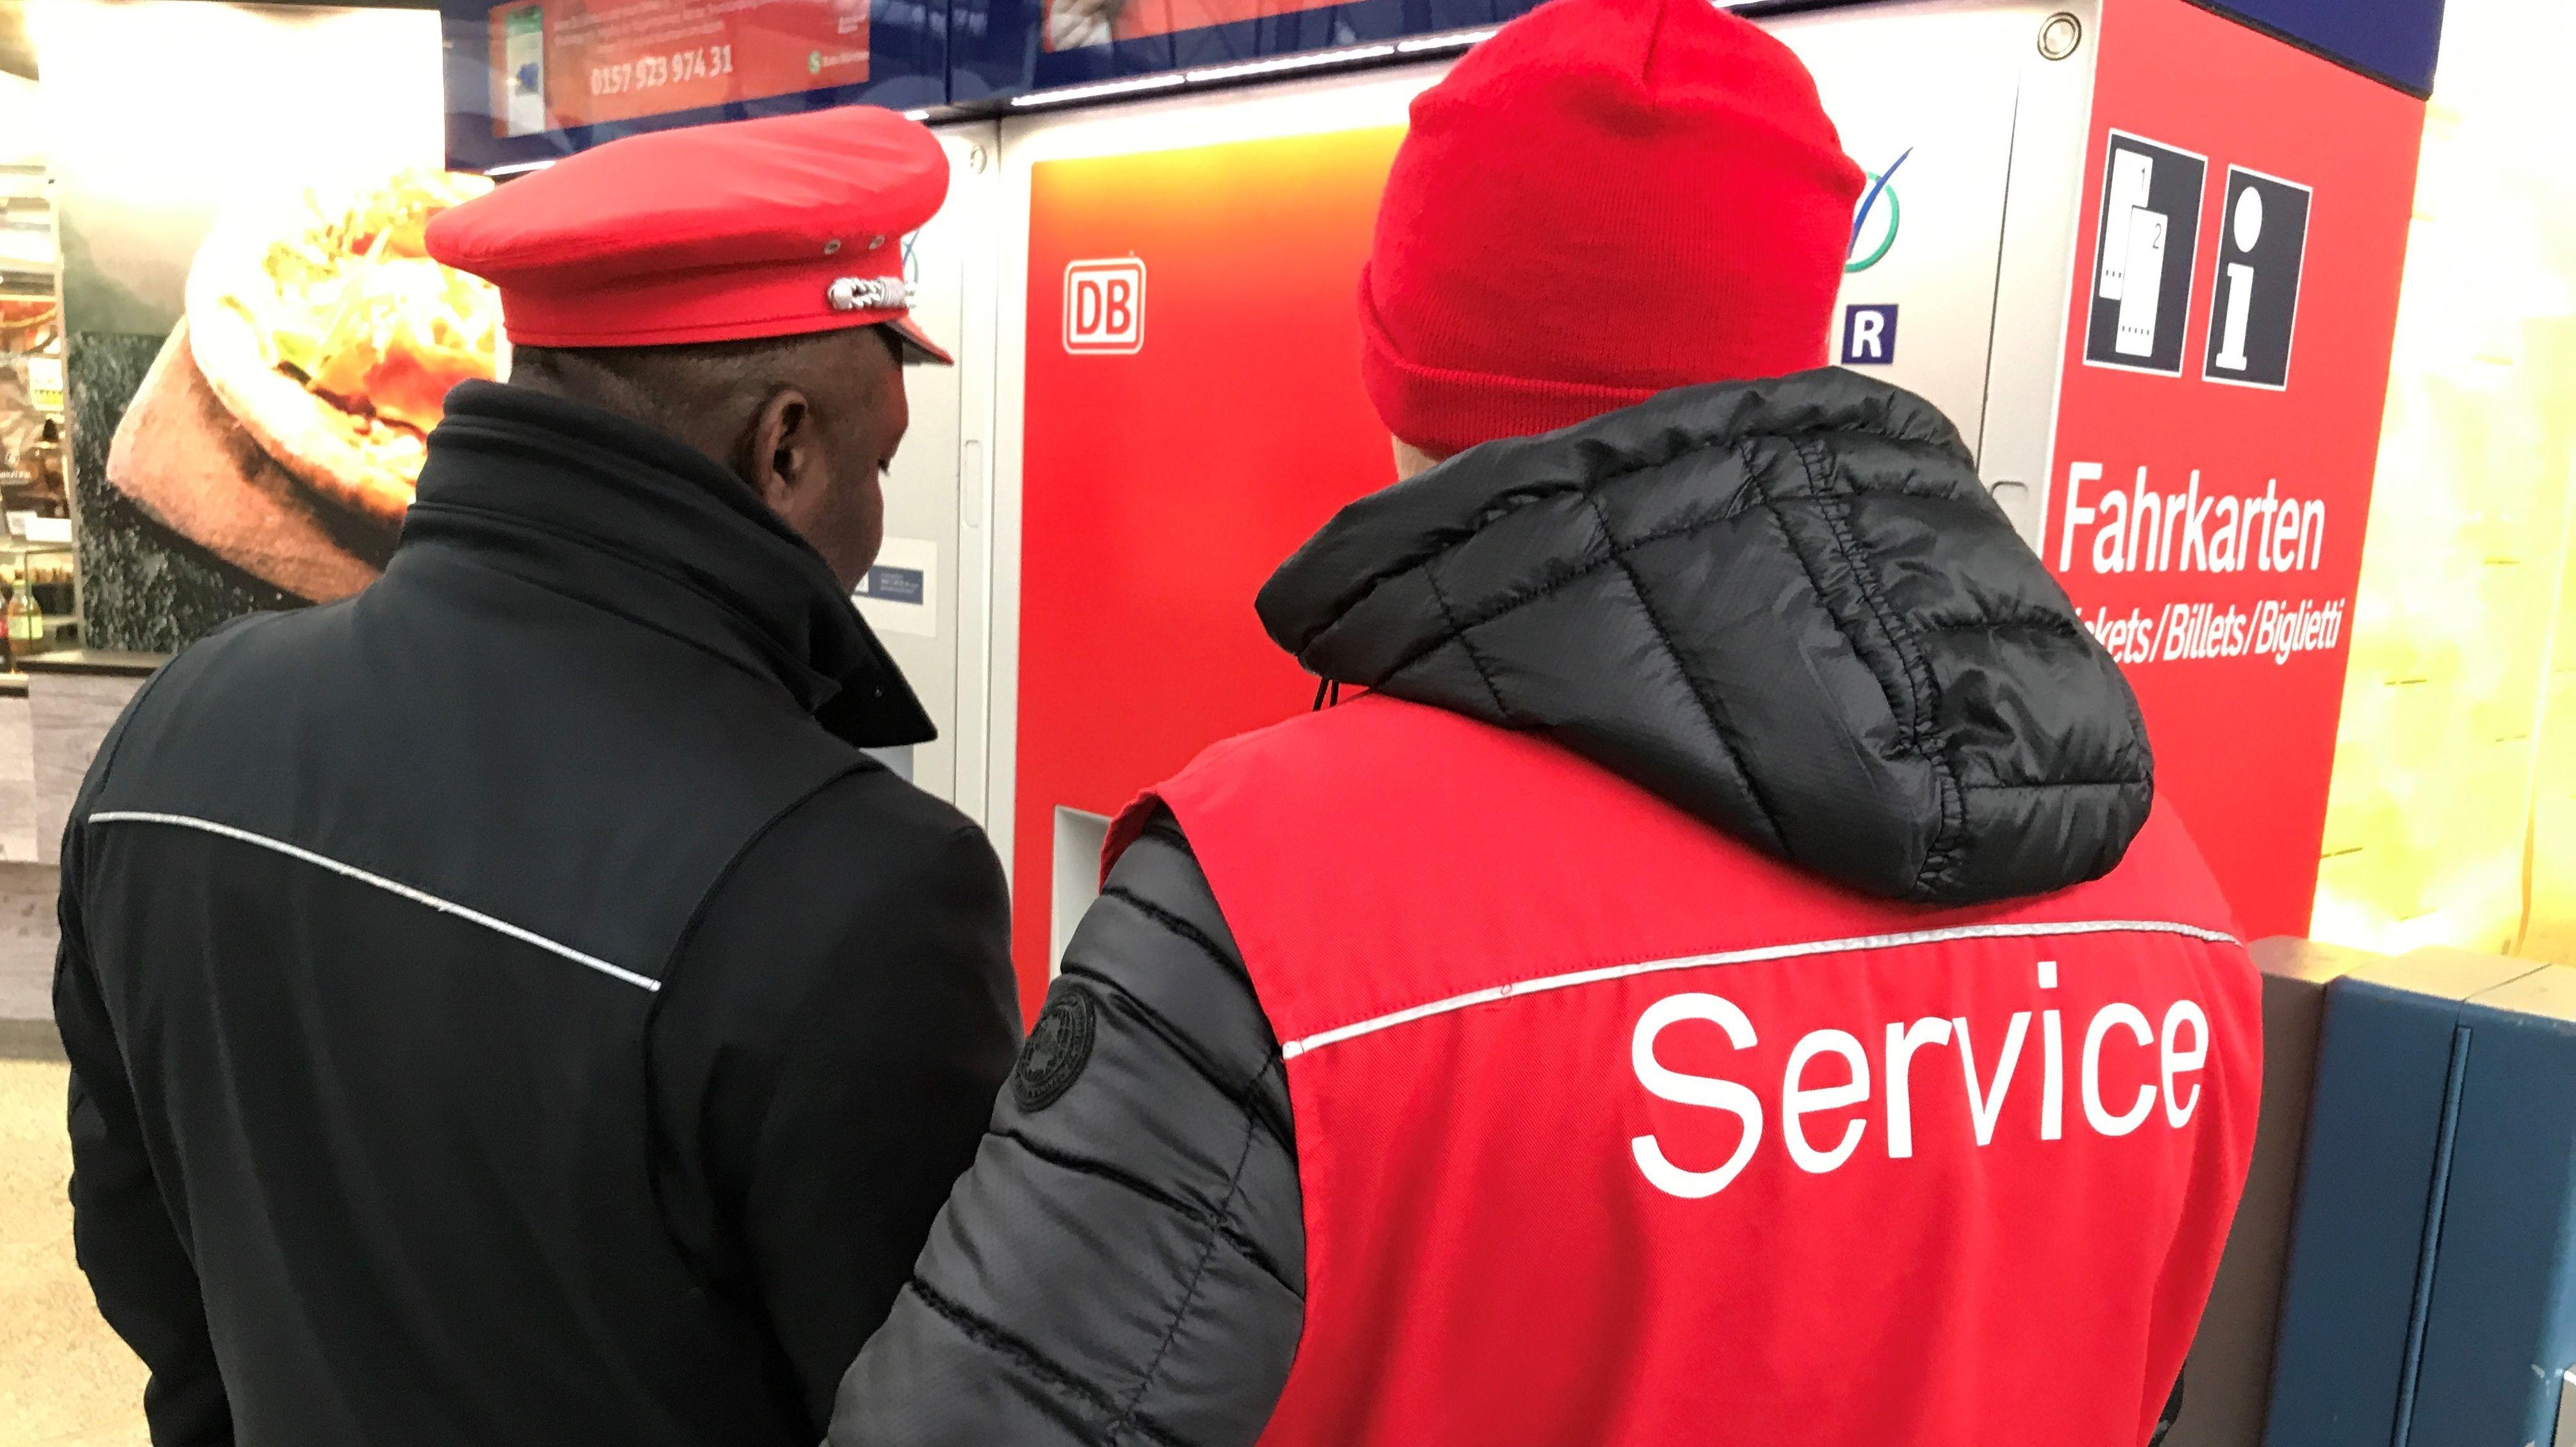 Ticket-Automaten der Bahn bundesweit gestört